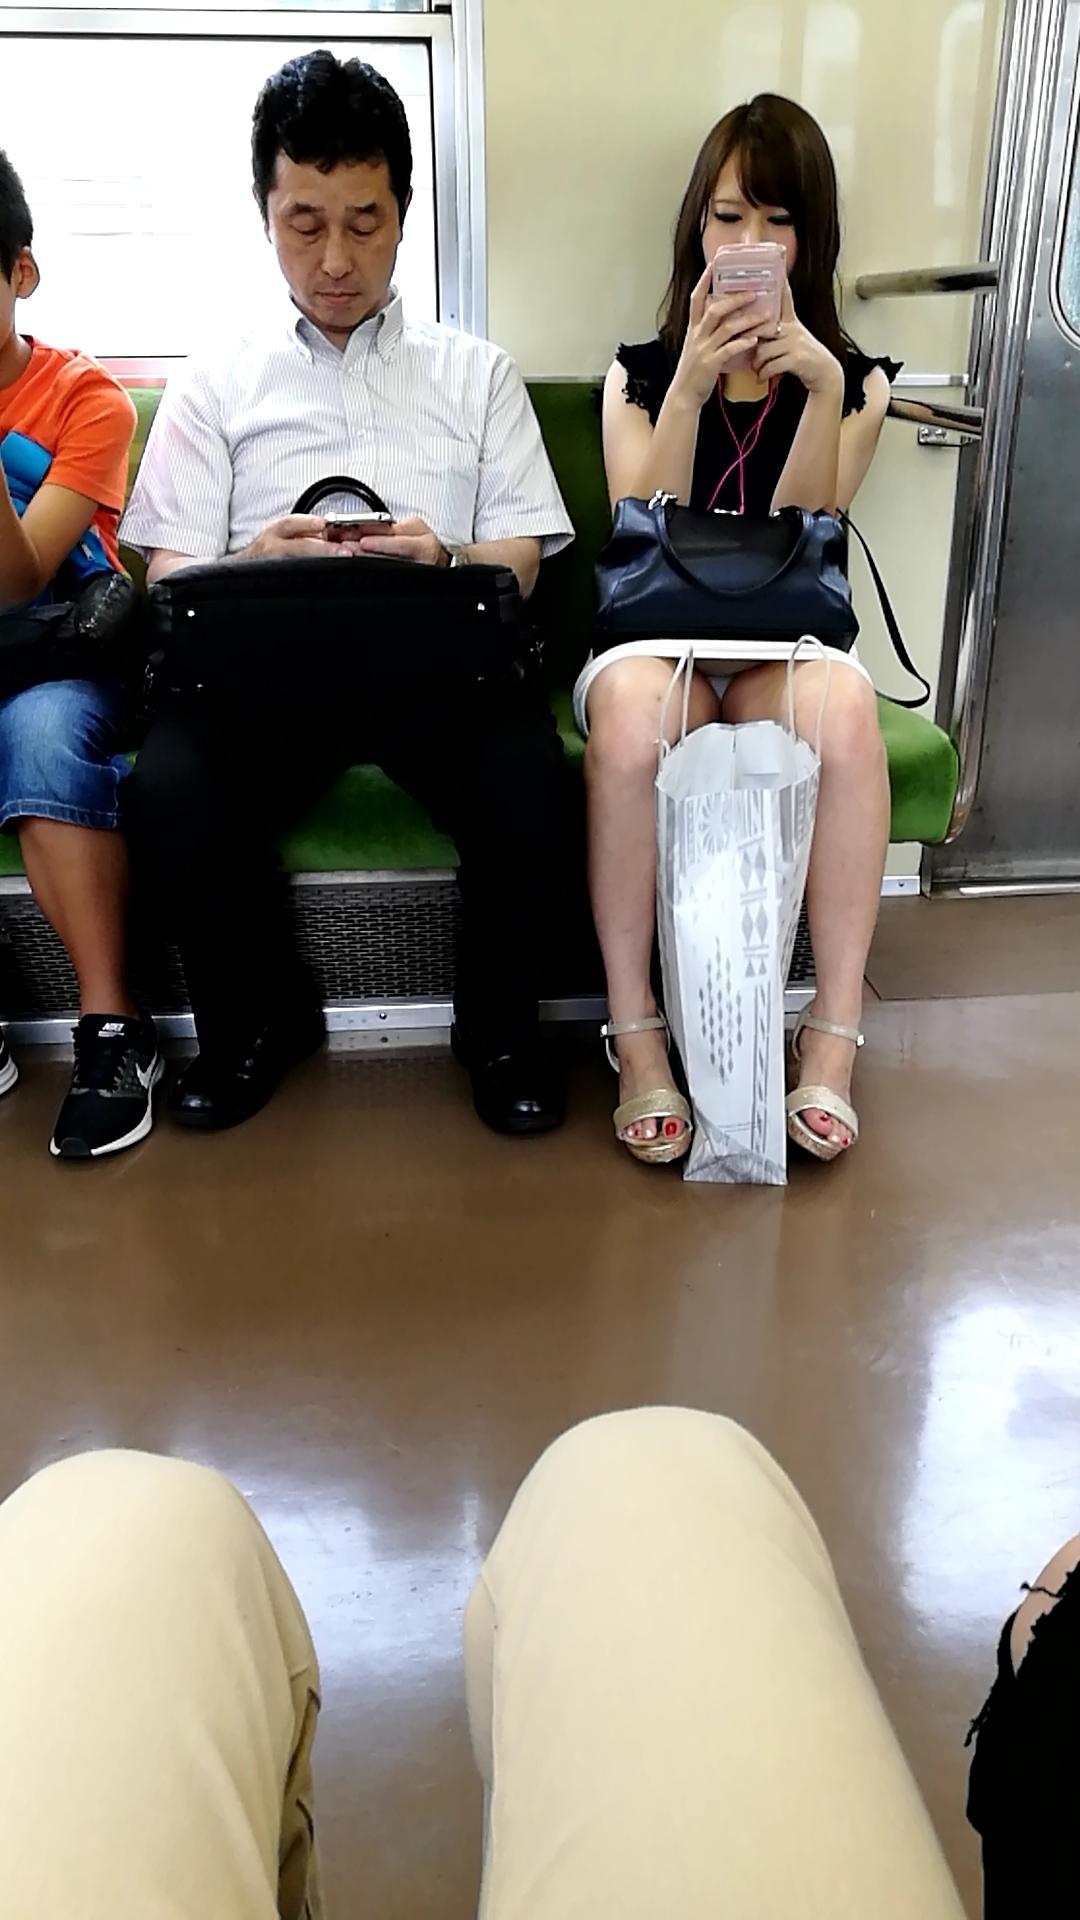 (パンツ丸見え)対面に座って眺めていたいシロウトのパンツ丸見え・太ももえろ写真